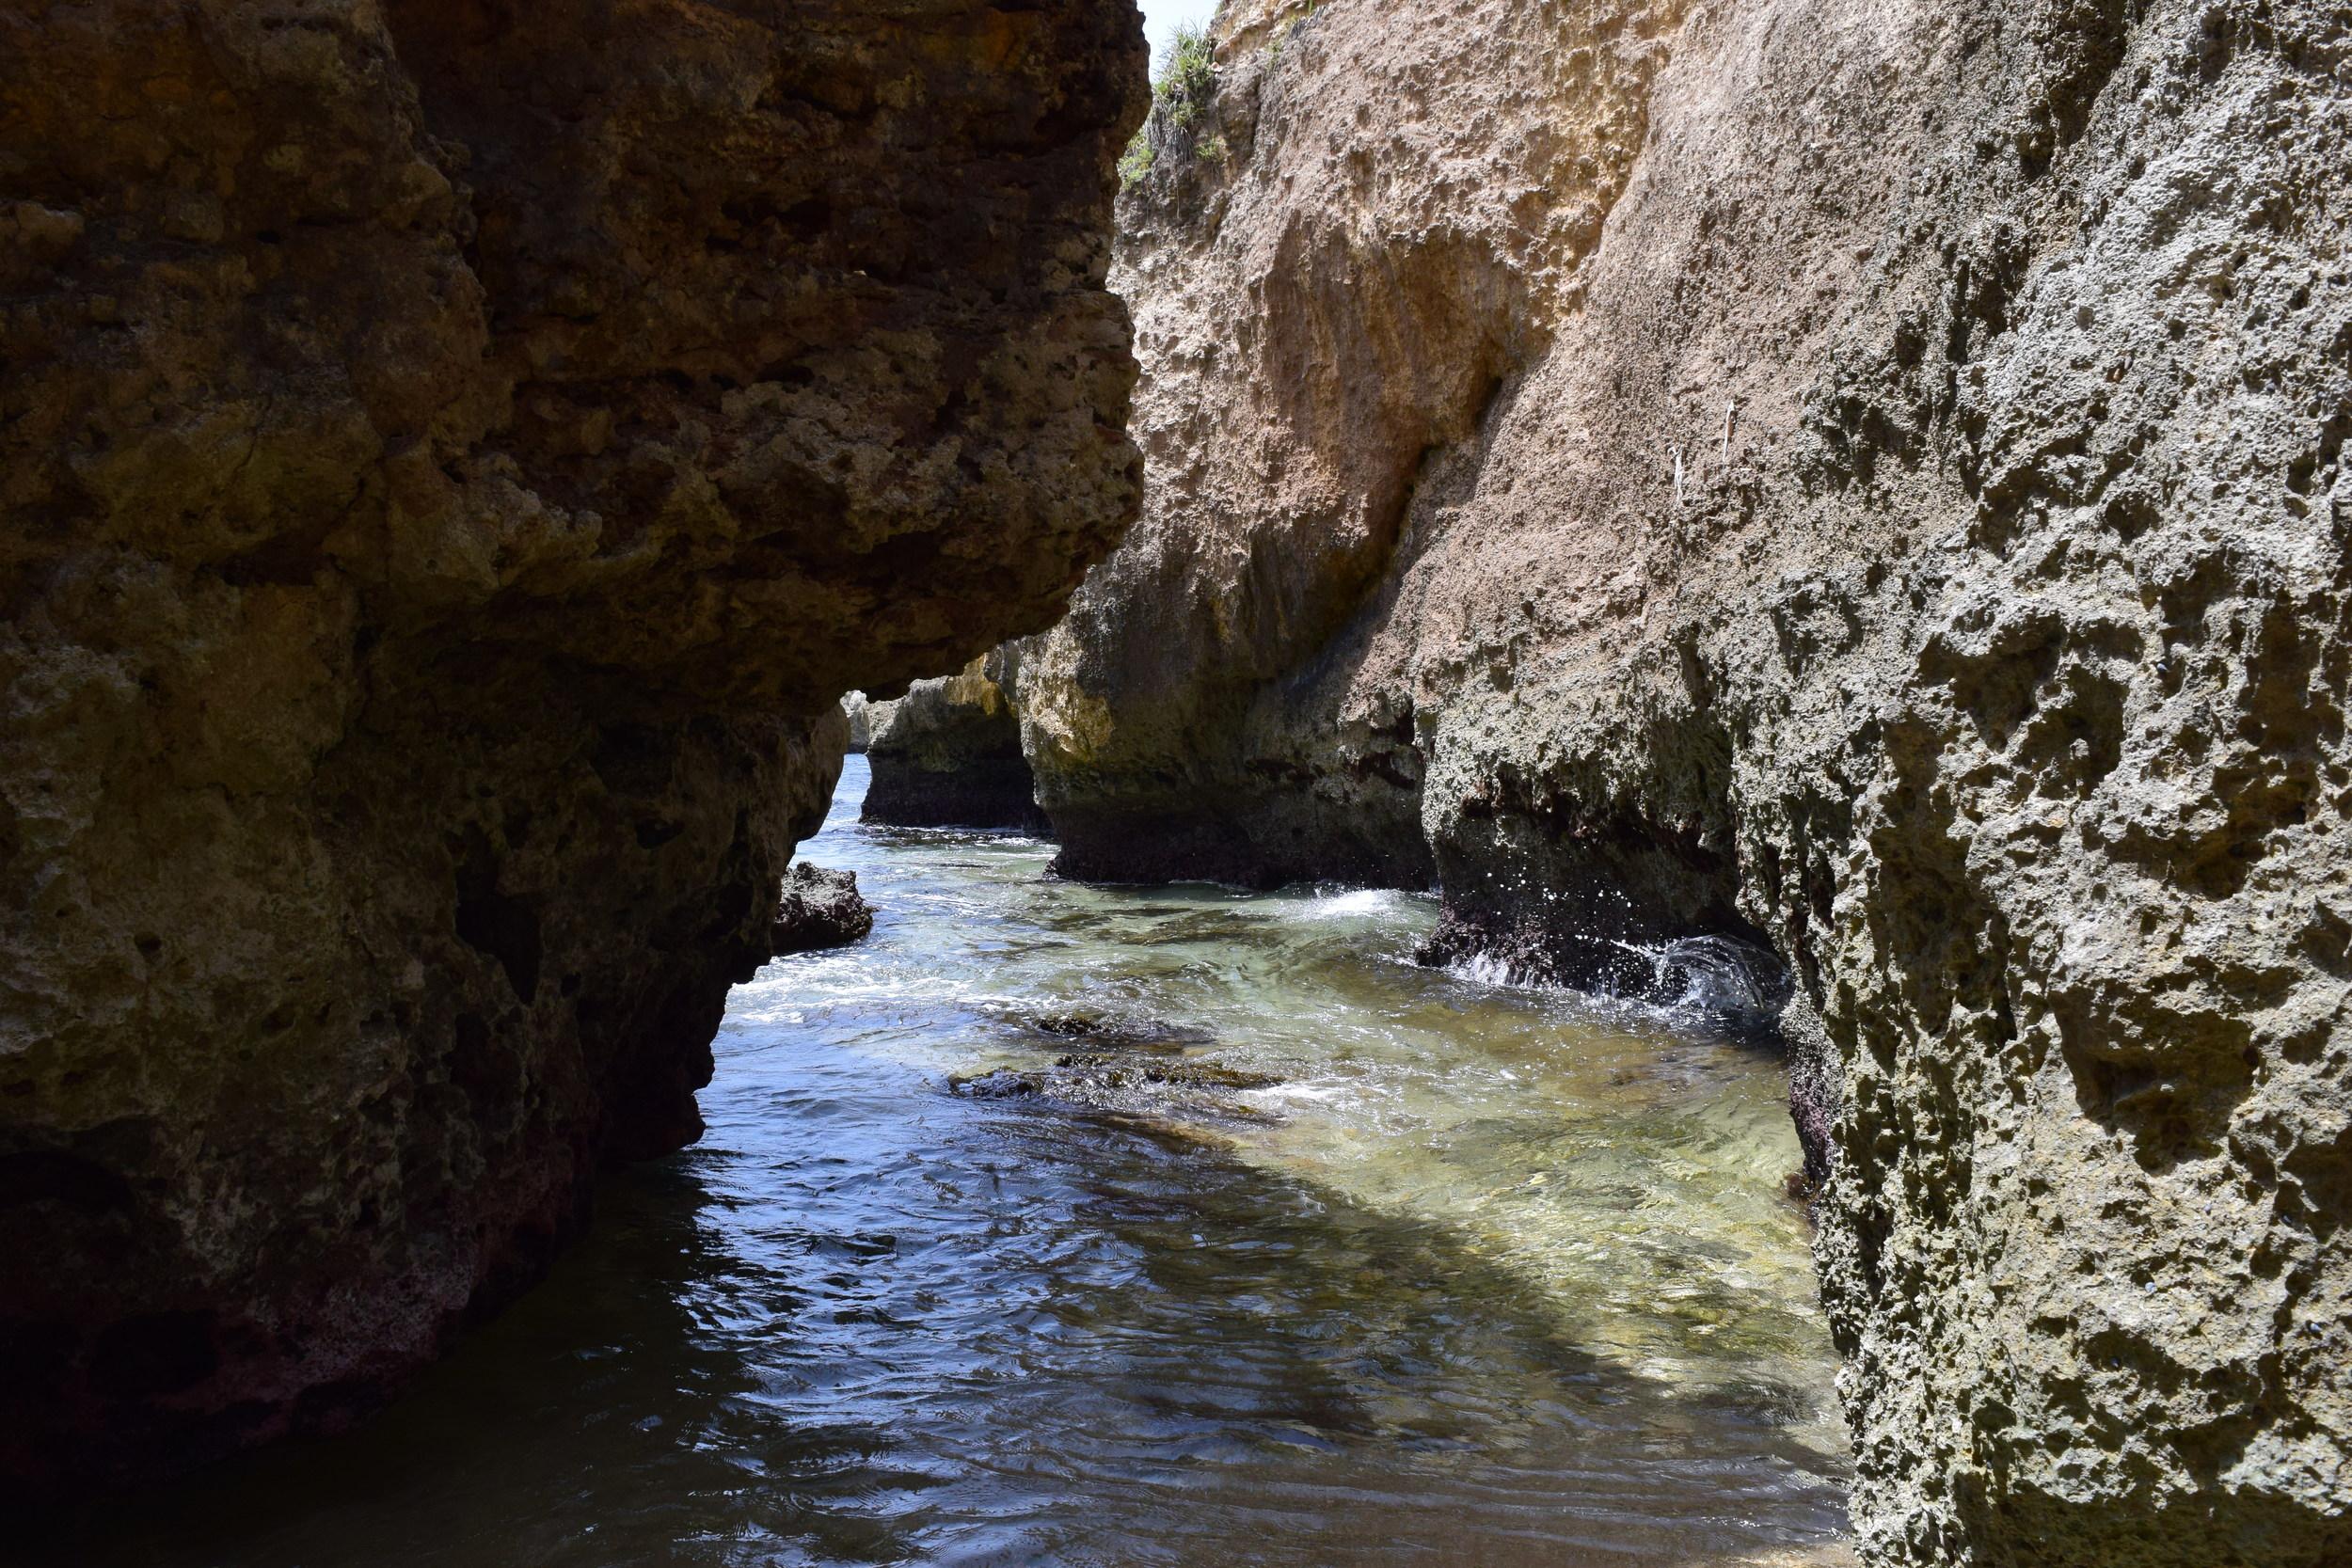 Llegamos hasta Punta Borinquenpara ver el paisaje de la playa de surfingWilderness. Por sus corrientes extremas y gran oleaje no es recomendable nadar, sin embargo, siempre hay algunos que se atreven. En verano el agua es más tranquila y se pueden encontrar, entre las rocas, espacios más apacibles. Foto: Alejandro Rodríguez Rojas